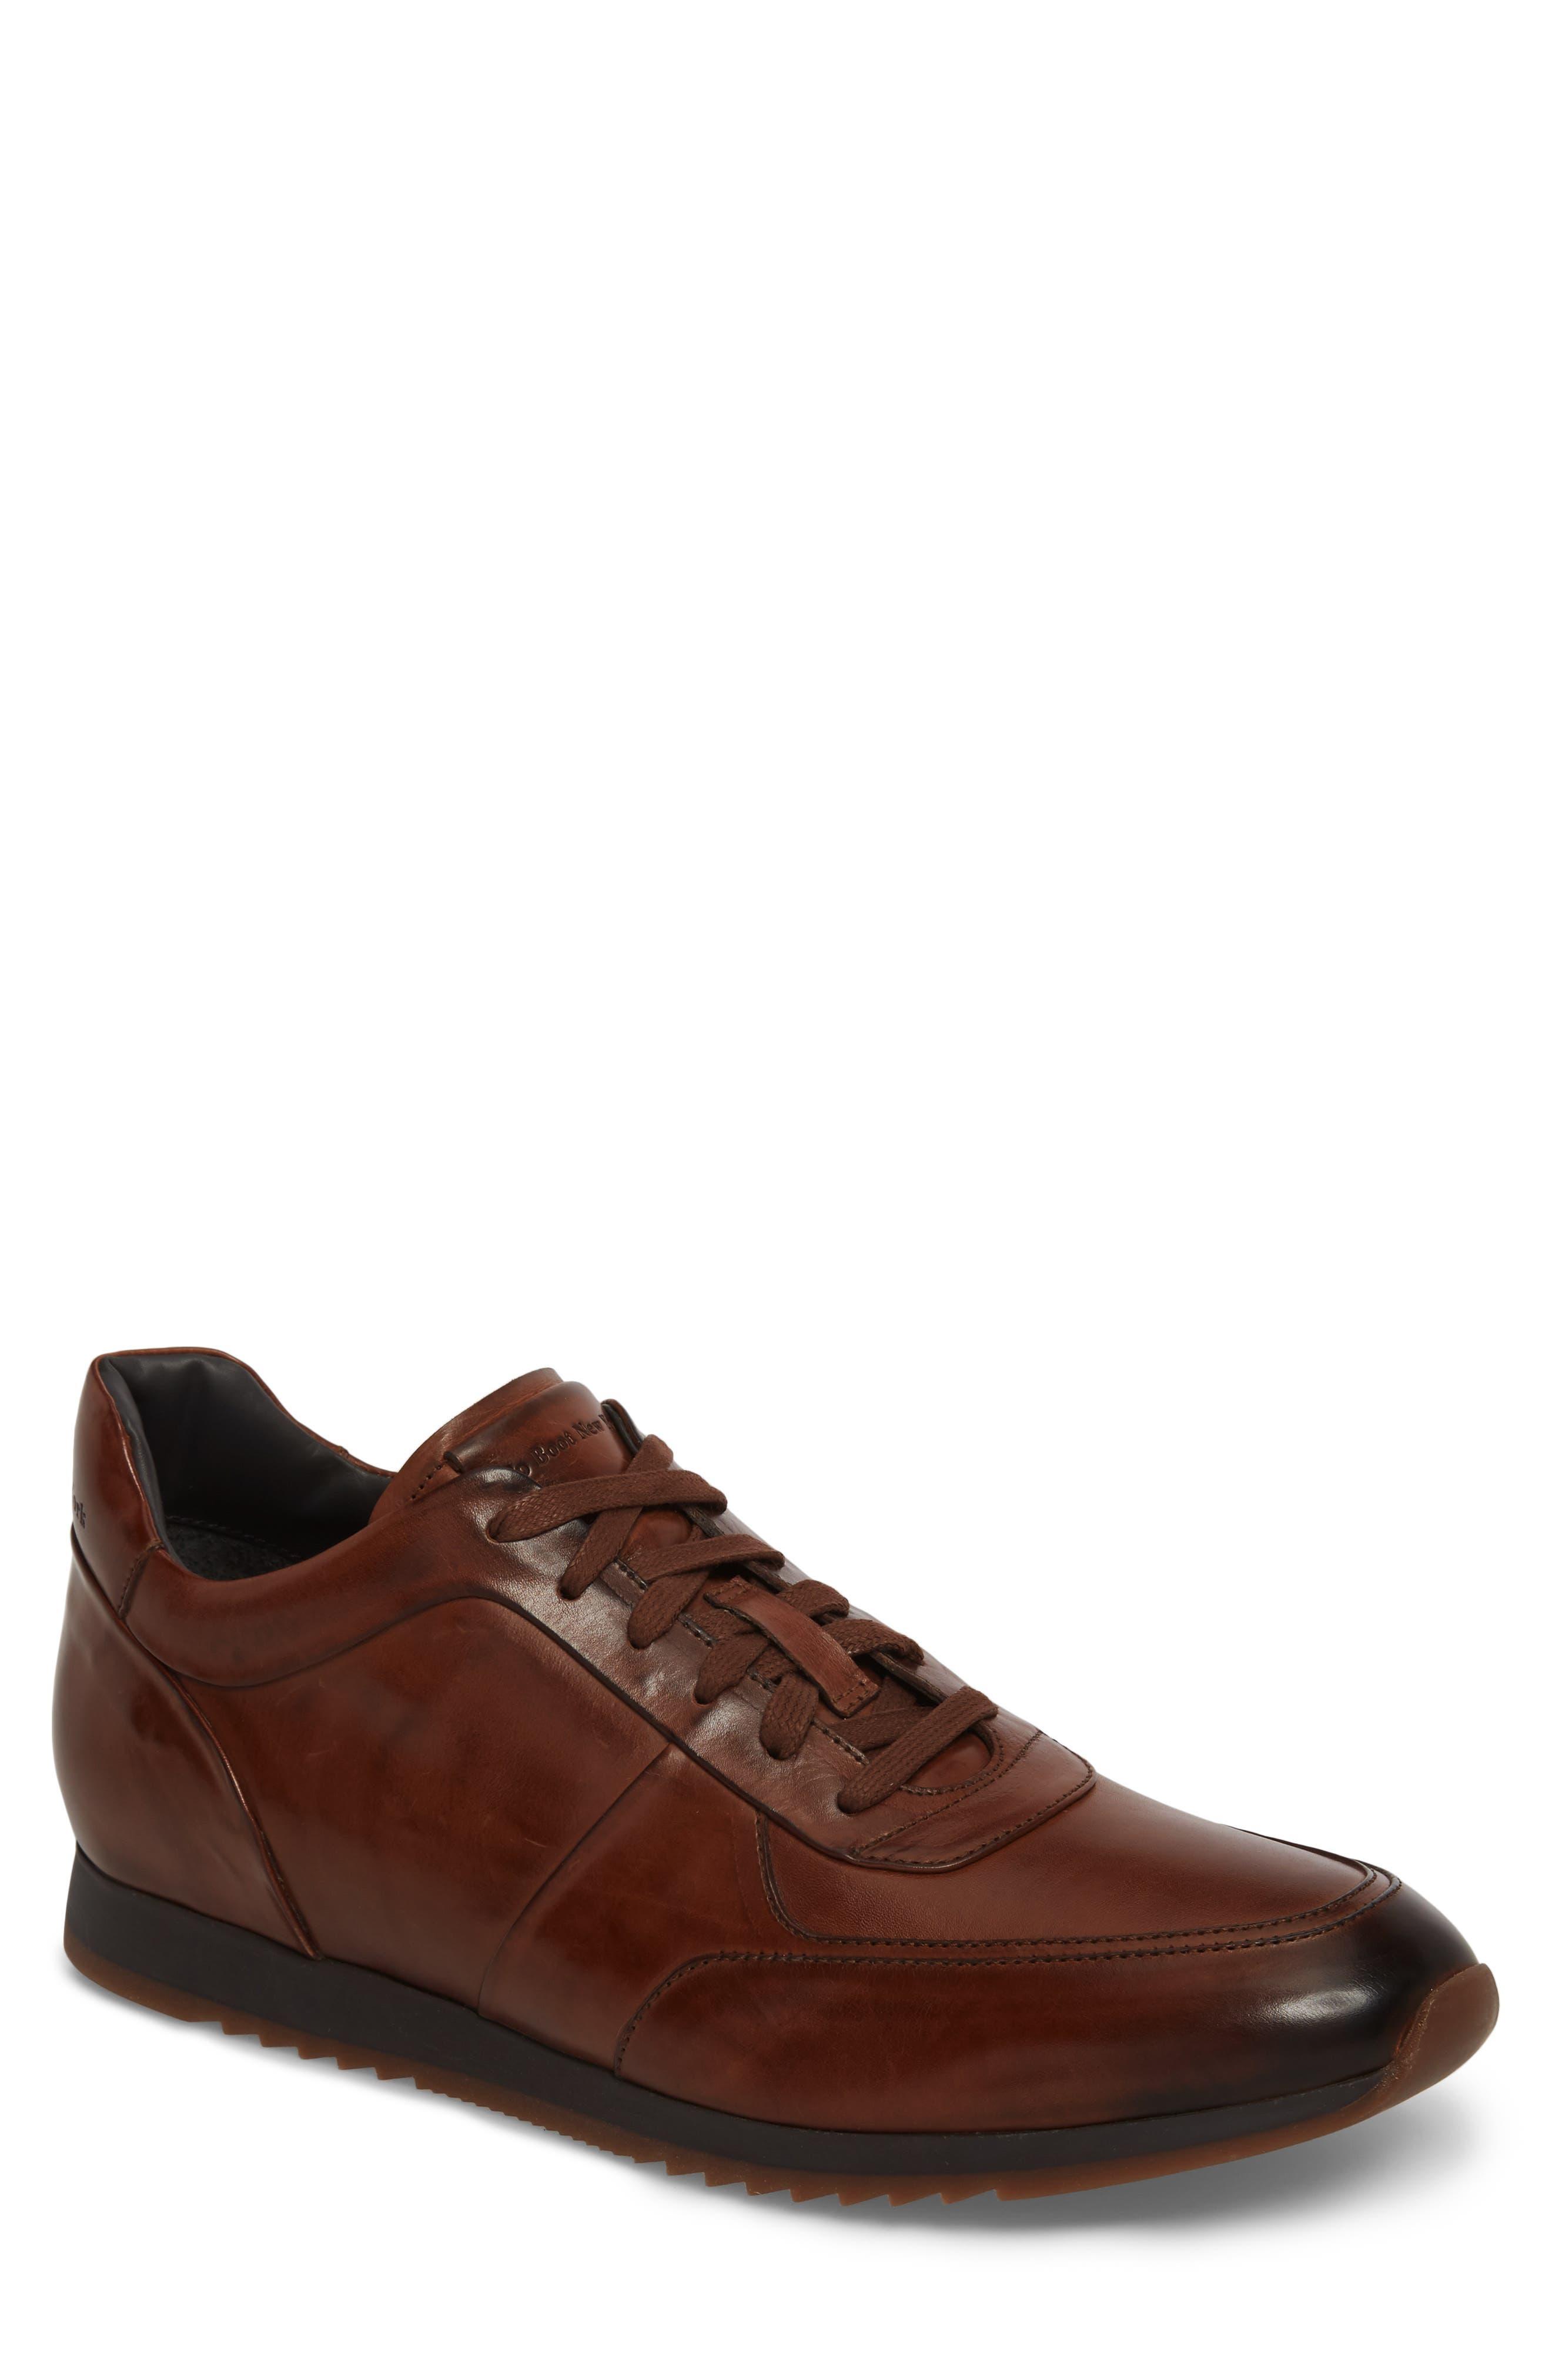 Lenox Low Top Sneaker,                         Main,                         color,